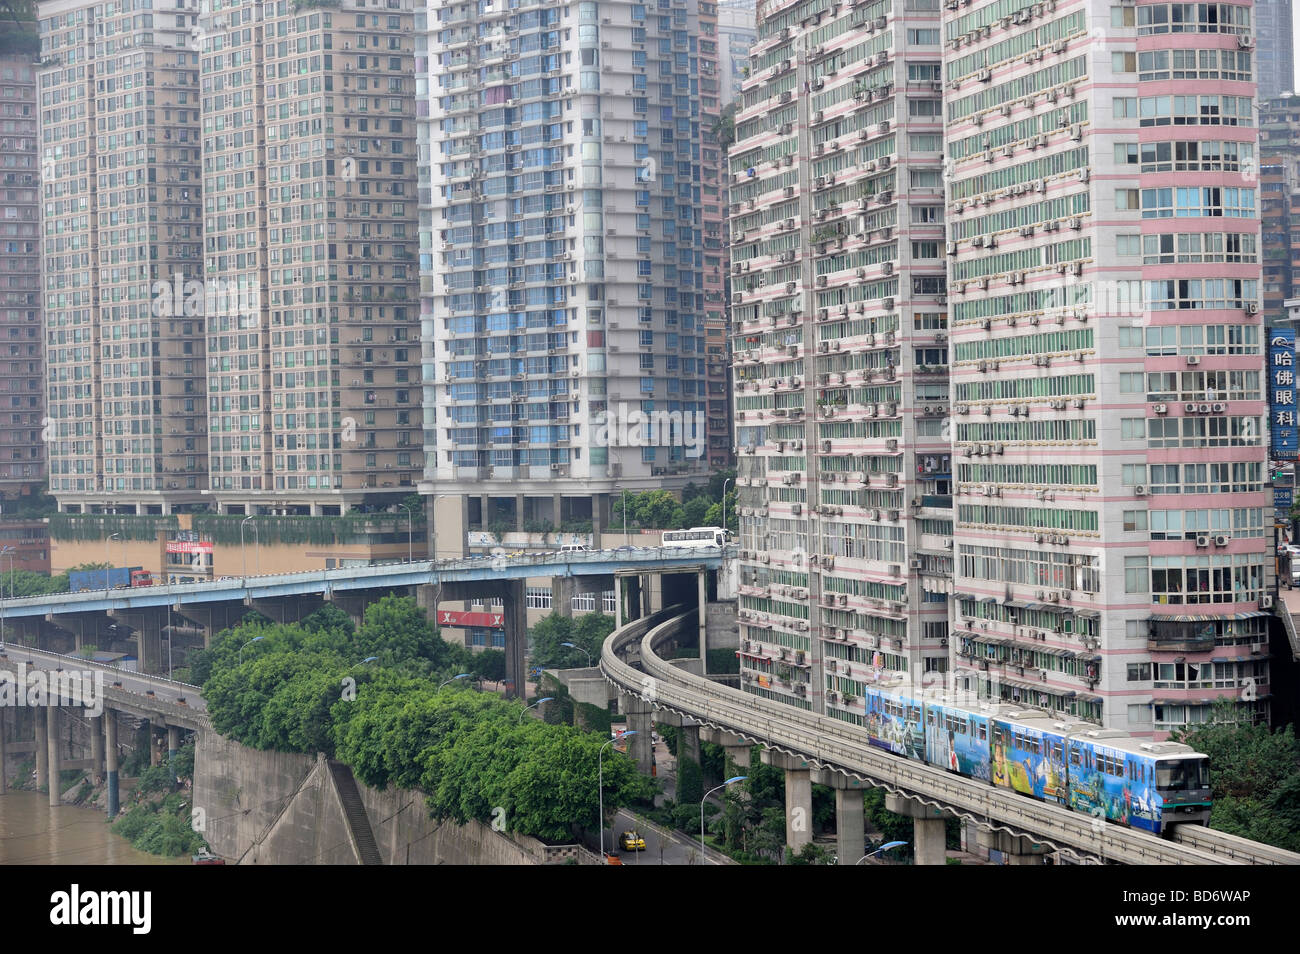 Chongqing du métro jusqu'à appartements de haute densité. 02-Aug-2009 Photo Stock